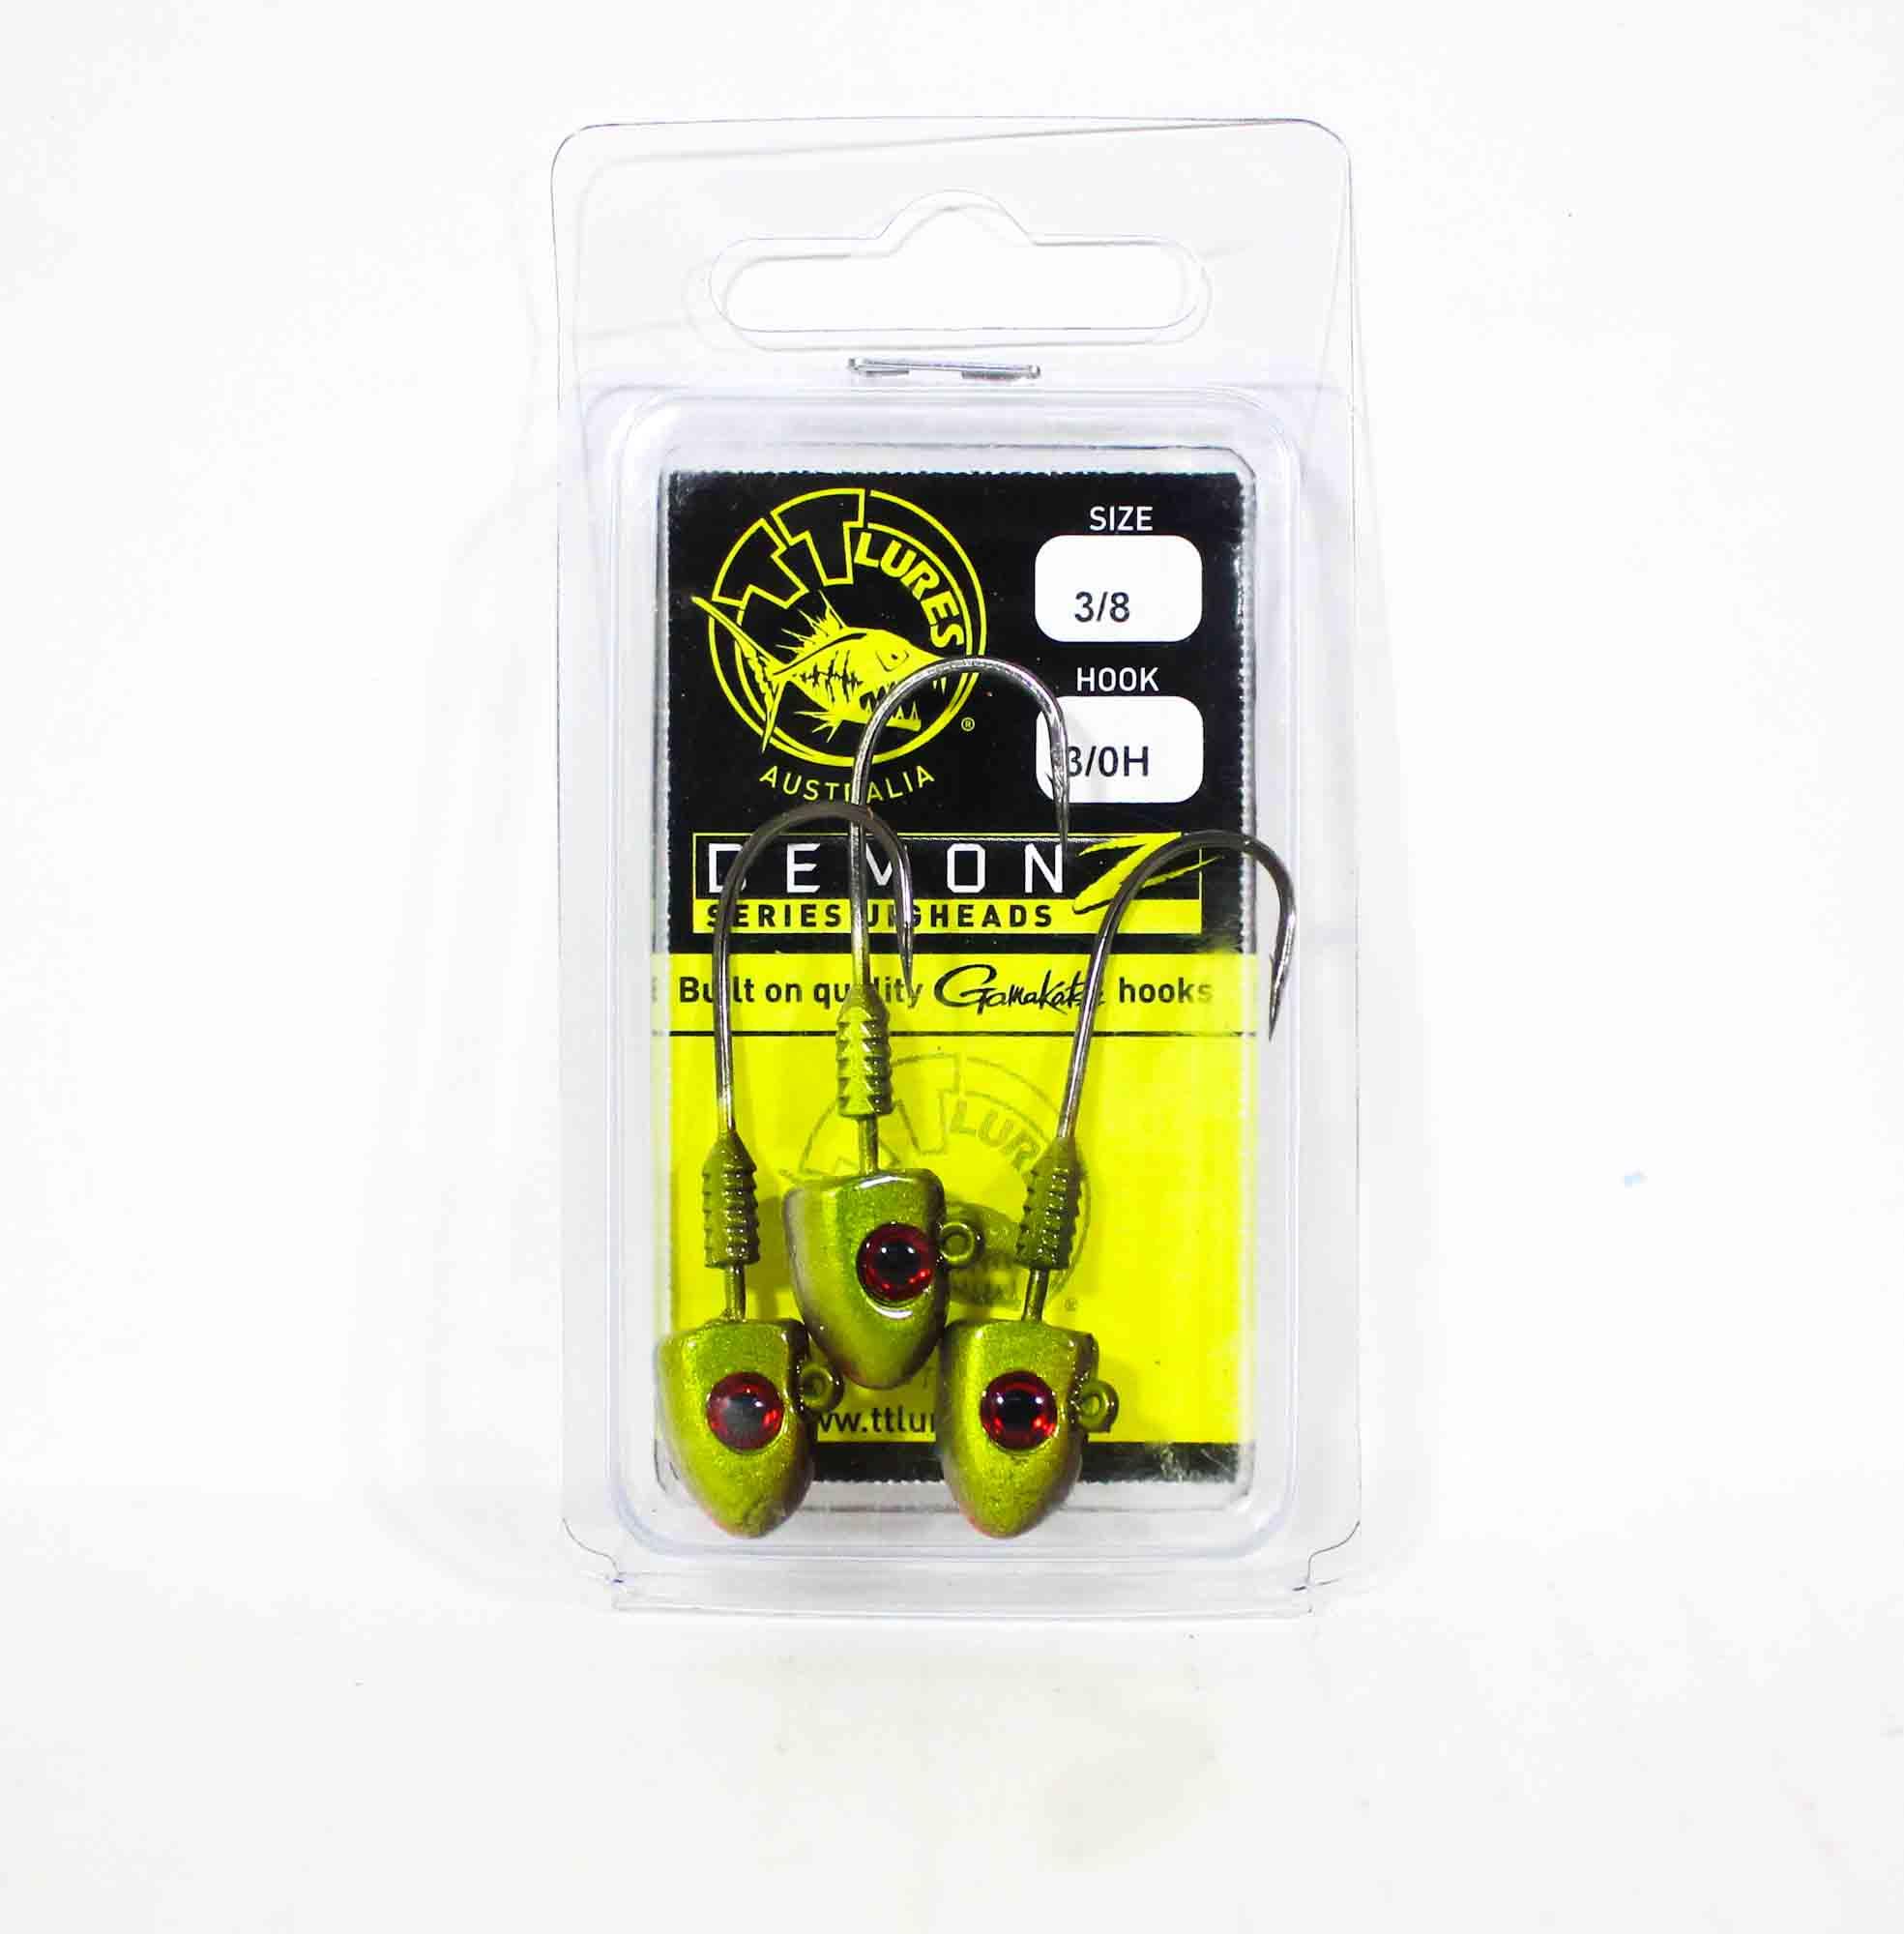 Tackle Tactics TT Demonz Jig Head 3/8oz 3/0H 3 per pack Green (7617)